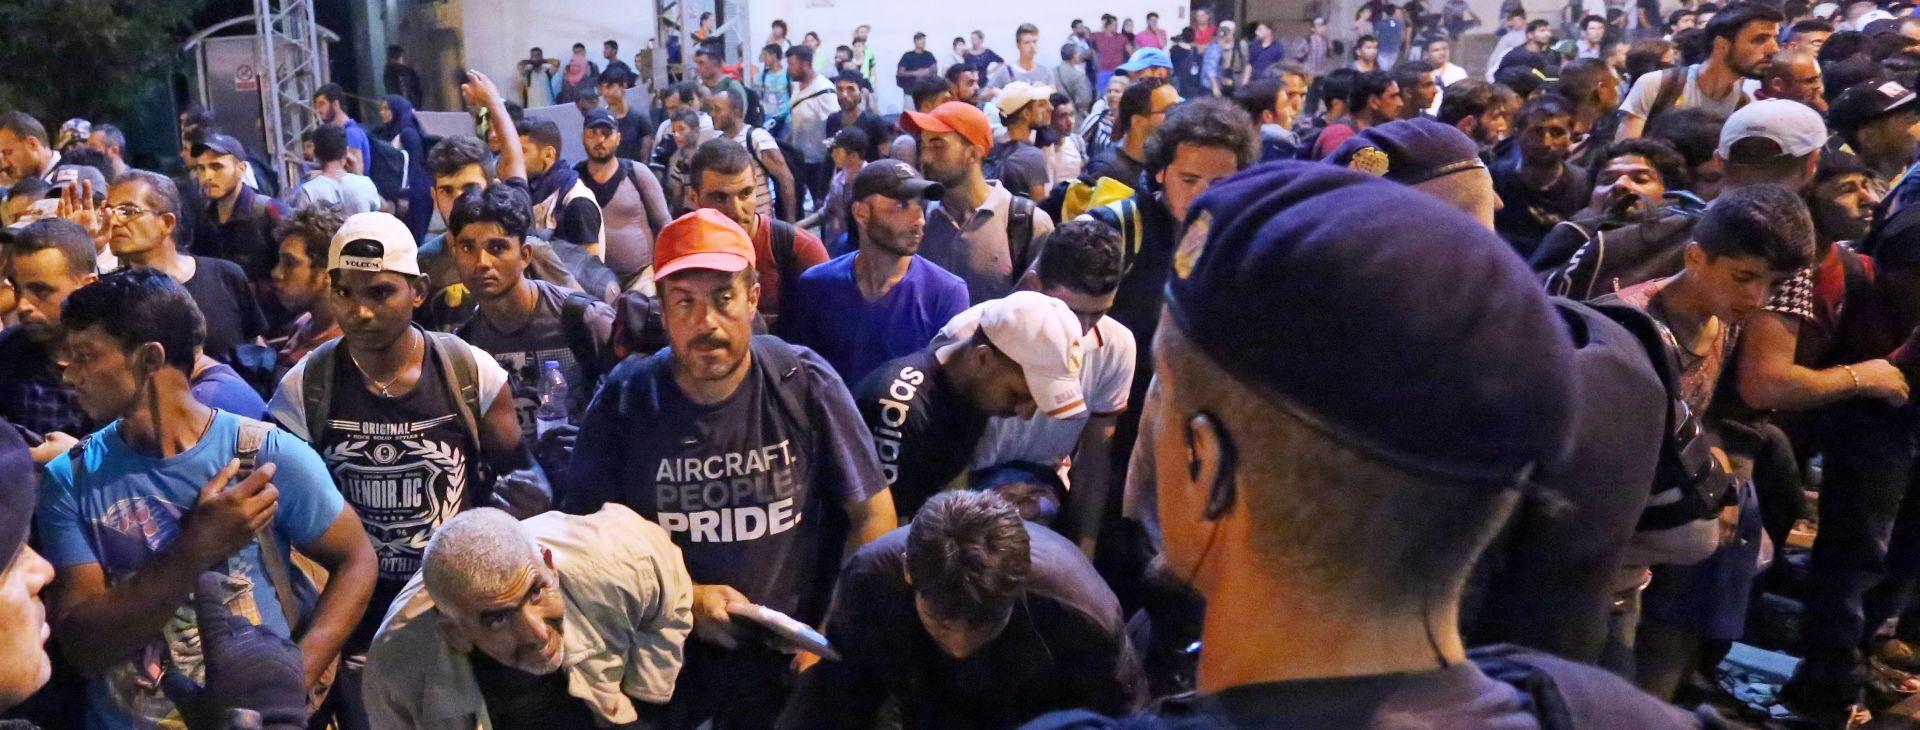 NE NAZIRE SE KRAJ: U Hrvatsku ušlo preko 77 tisuća izbjeglica